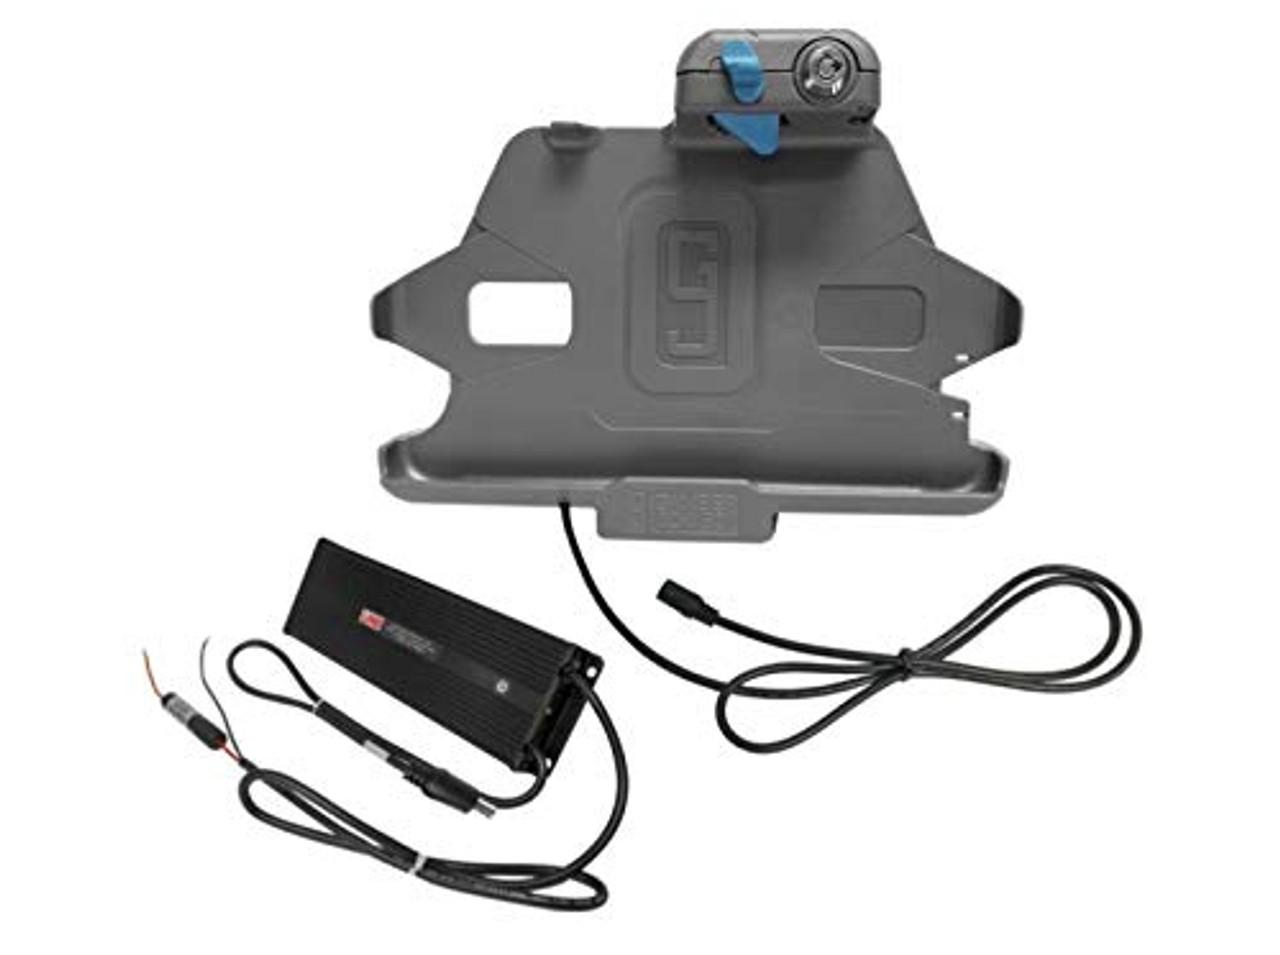 KIT: Samsung Galaxy Tab Active2 Dual USB Dock w/MP205 Connector (7170-0765-XX) | 0429XNNUR0U